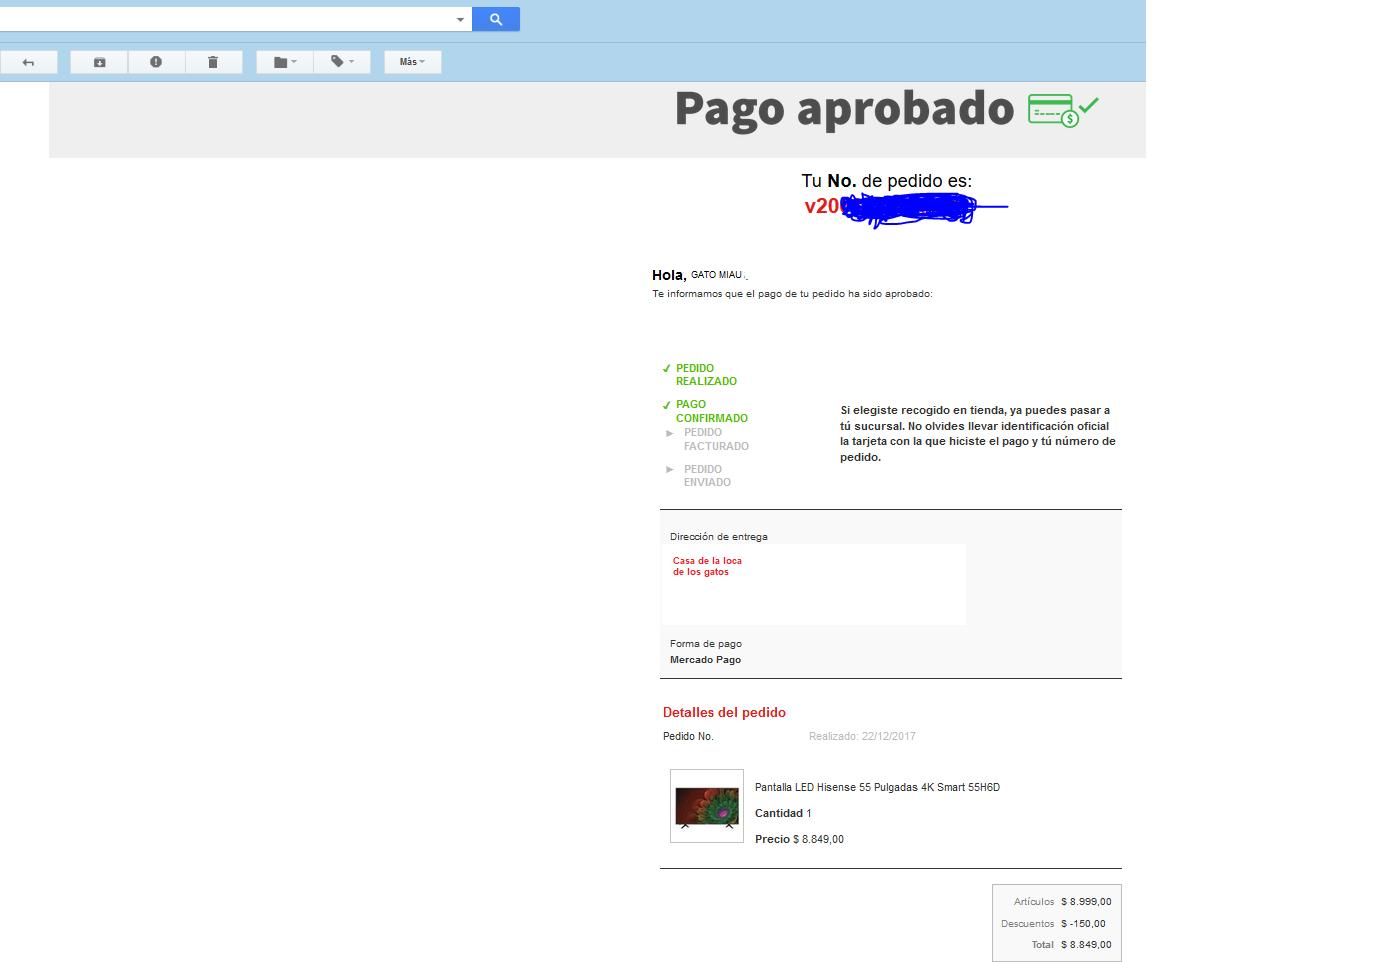 1377672-aMDcR.jpg